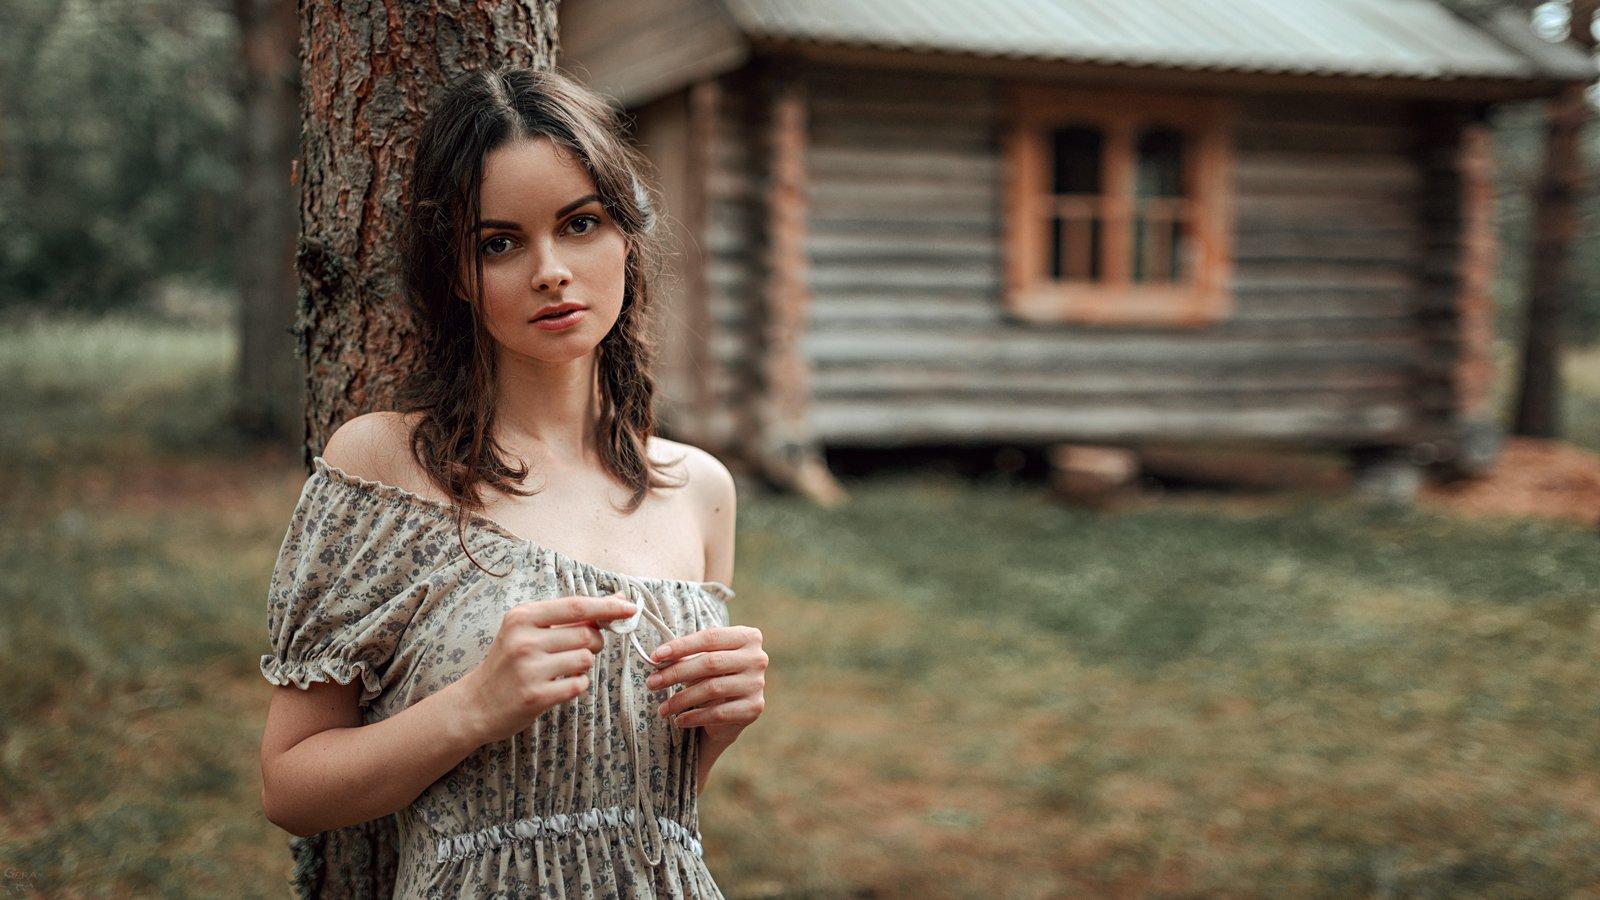 портрет, арт, модель, portrait, art, Георгий Чернядьев